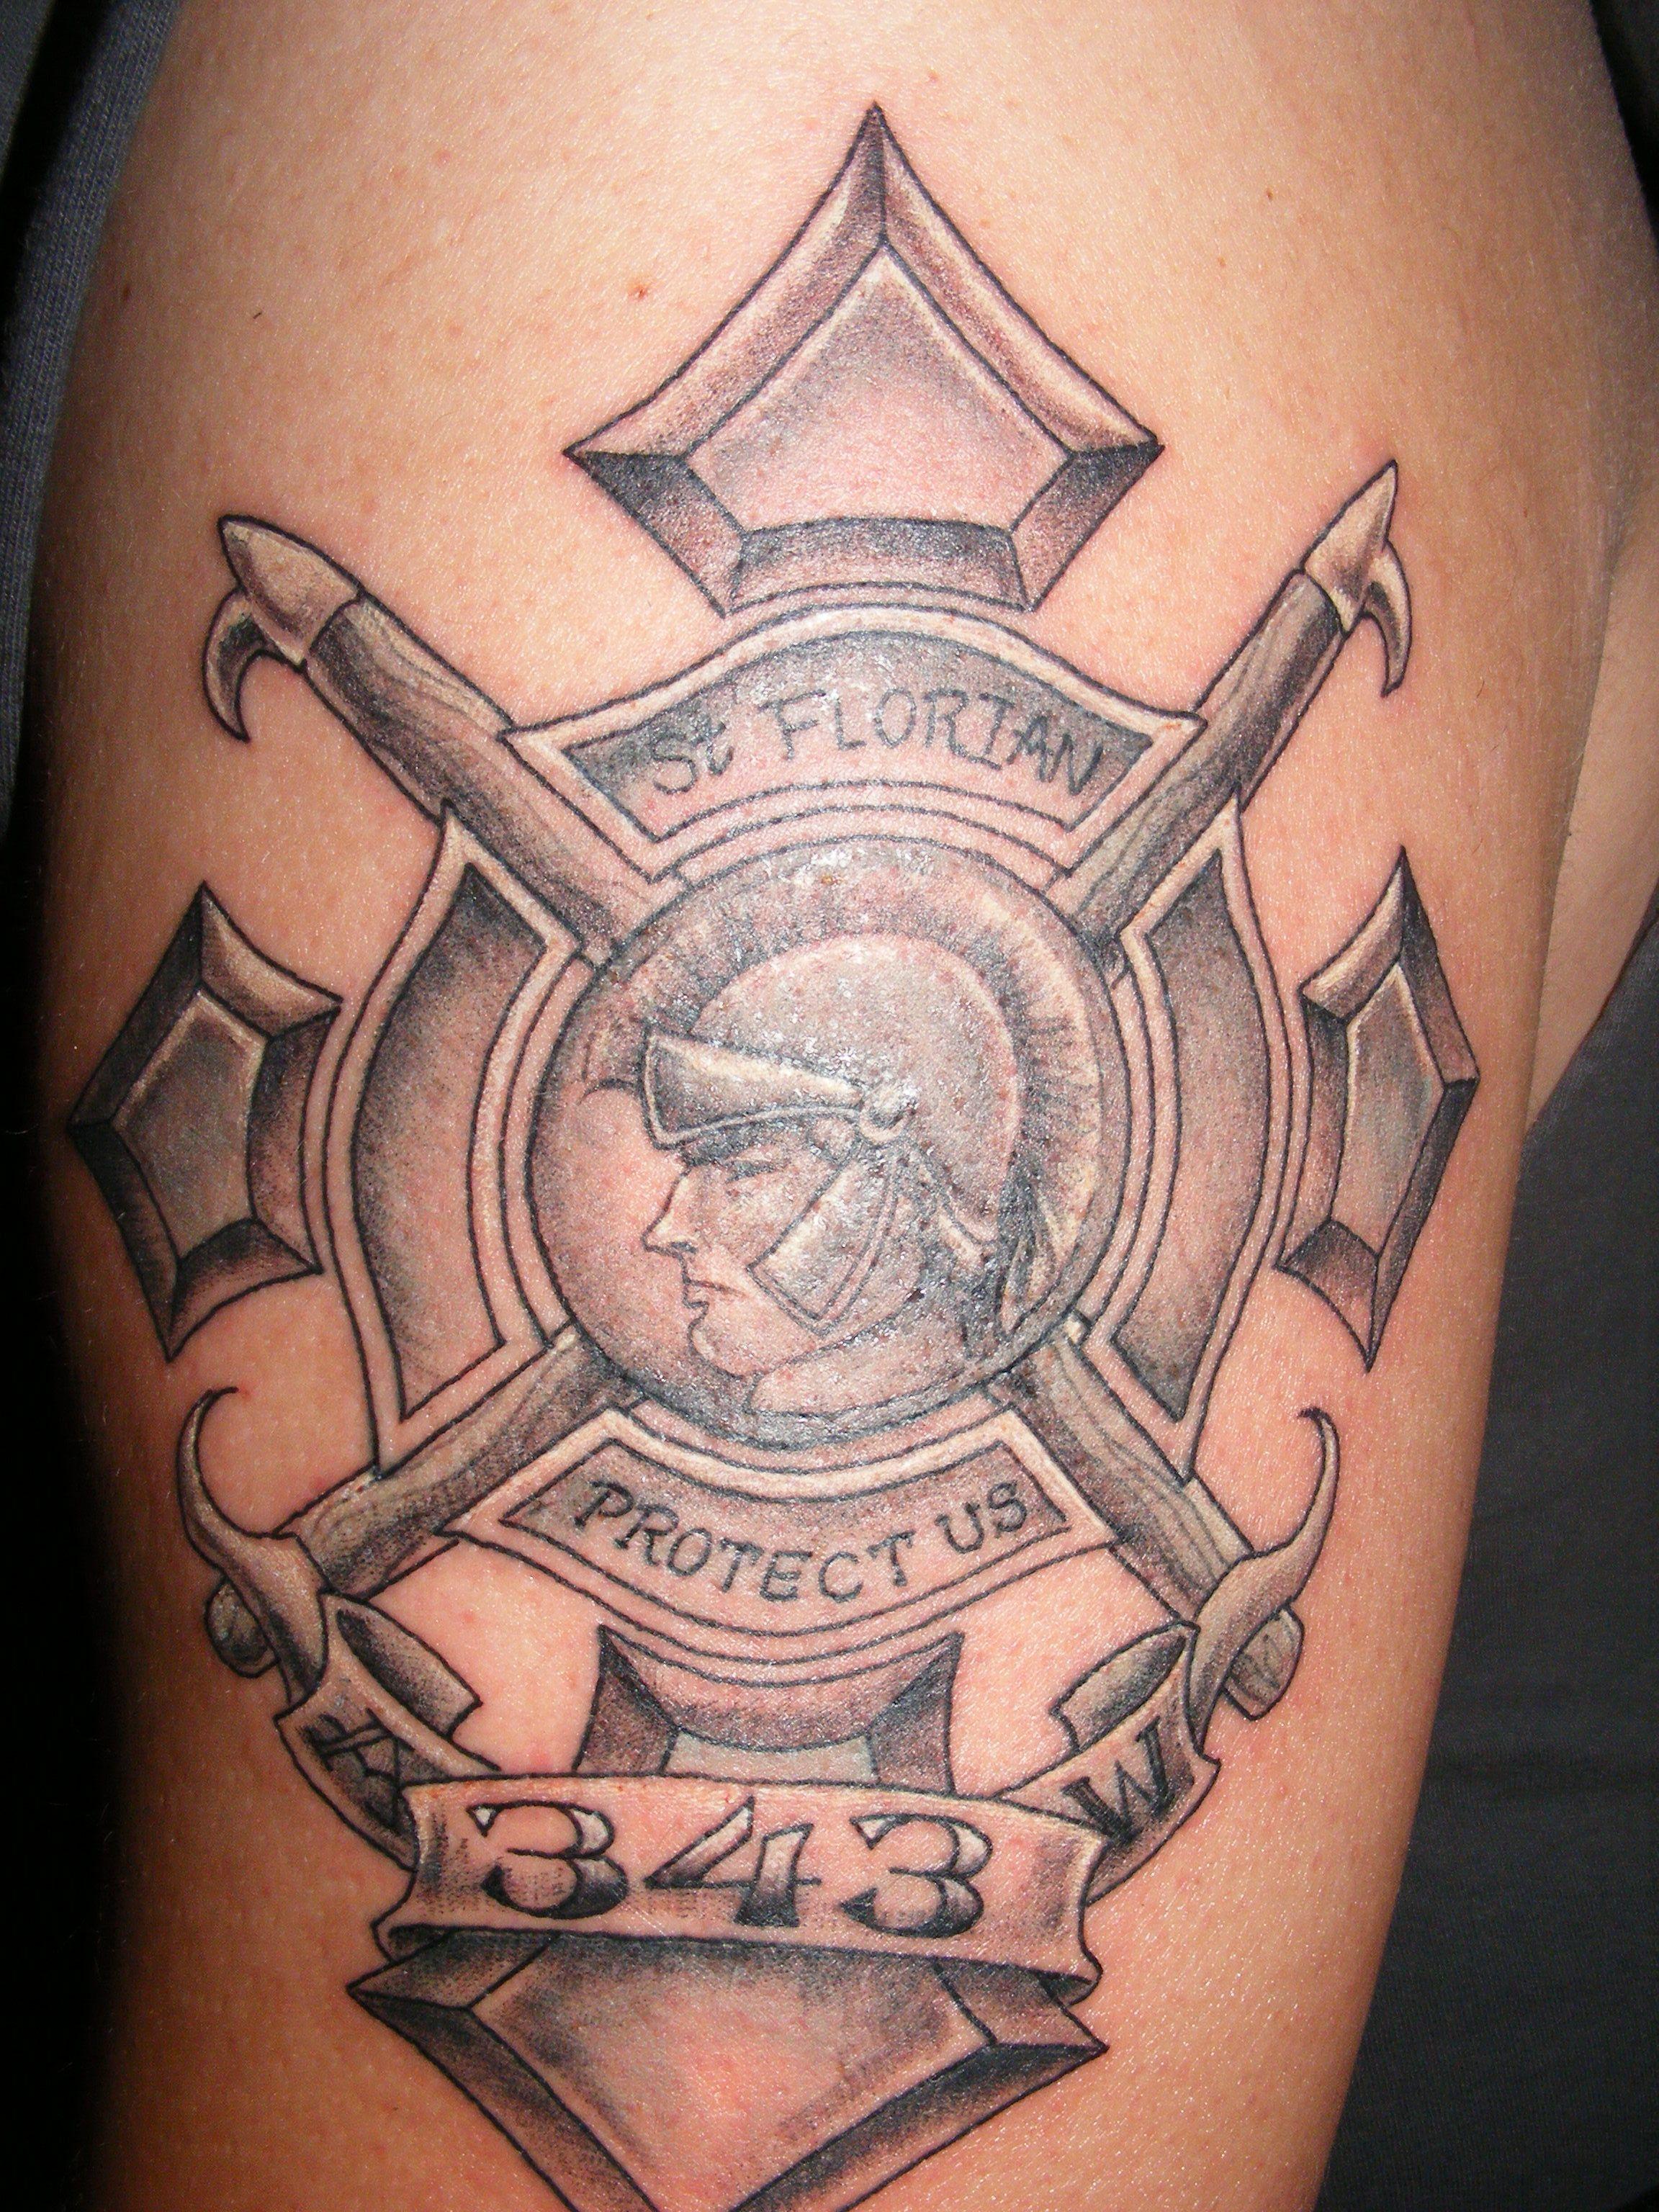 343 St Florian Memorial Tattoo My Firefighter Nation Fire